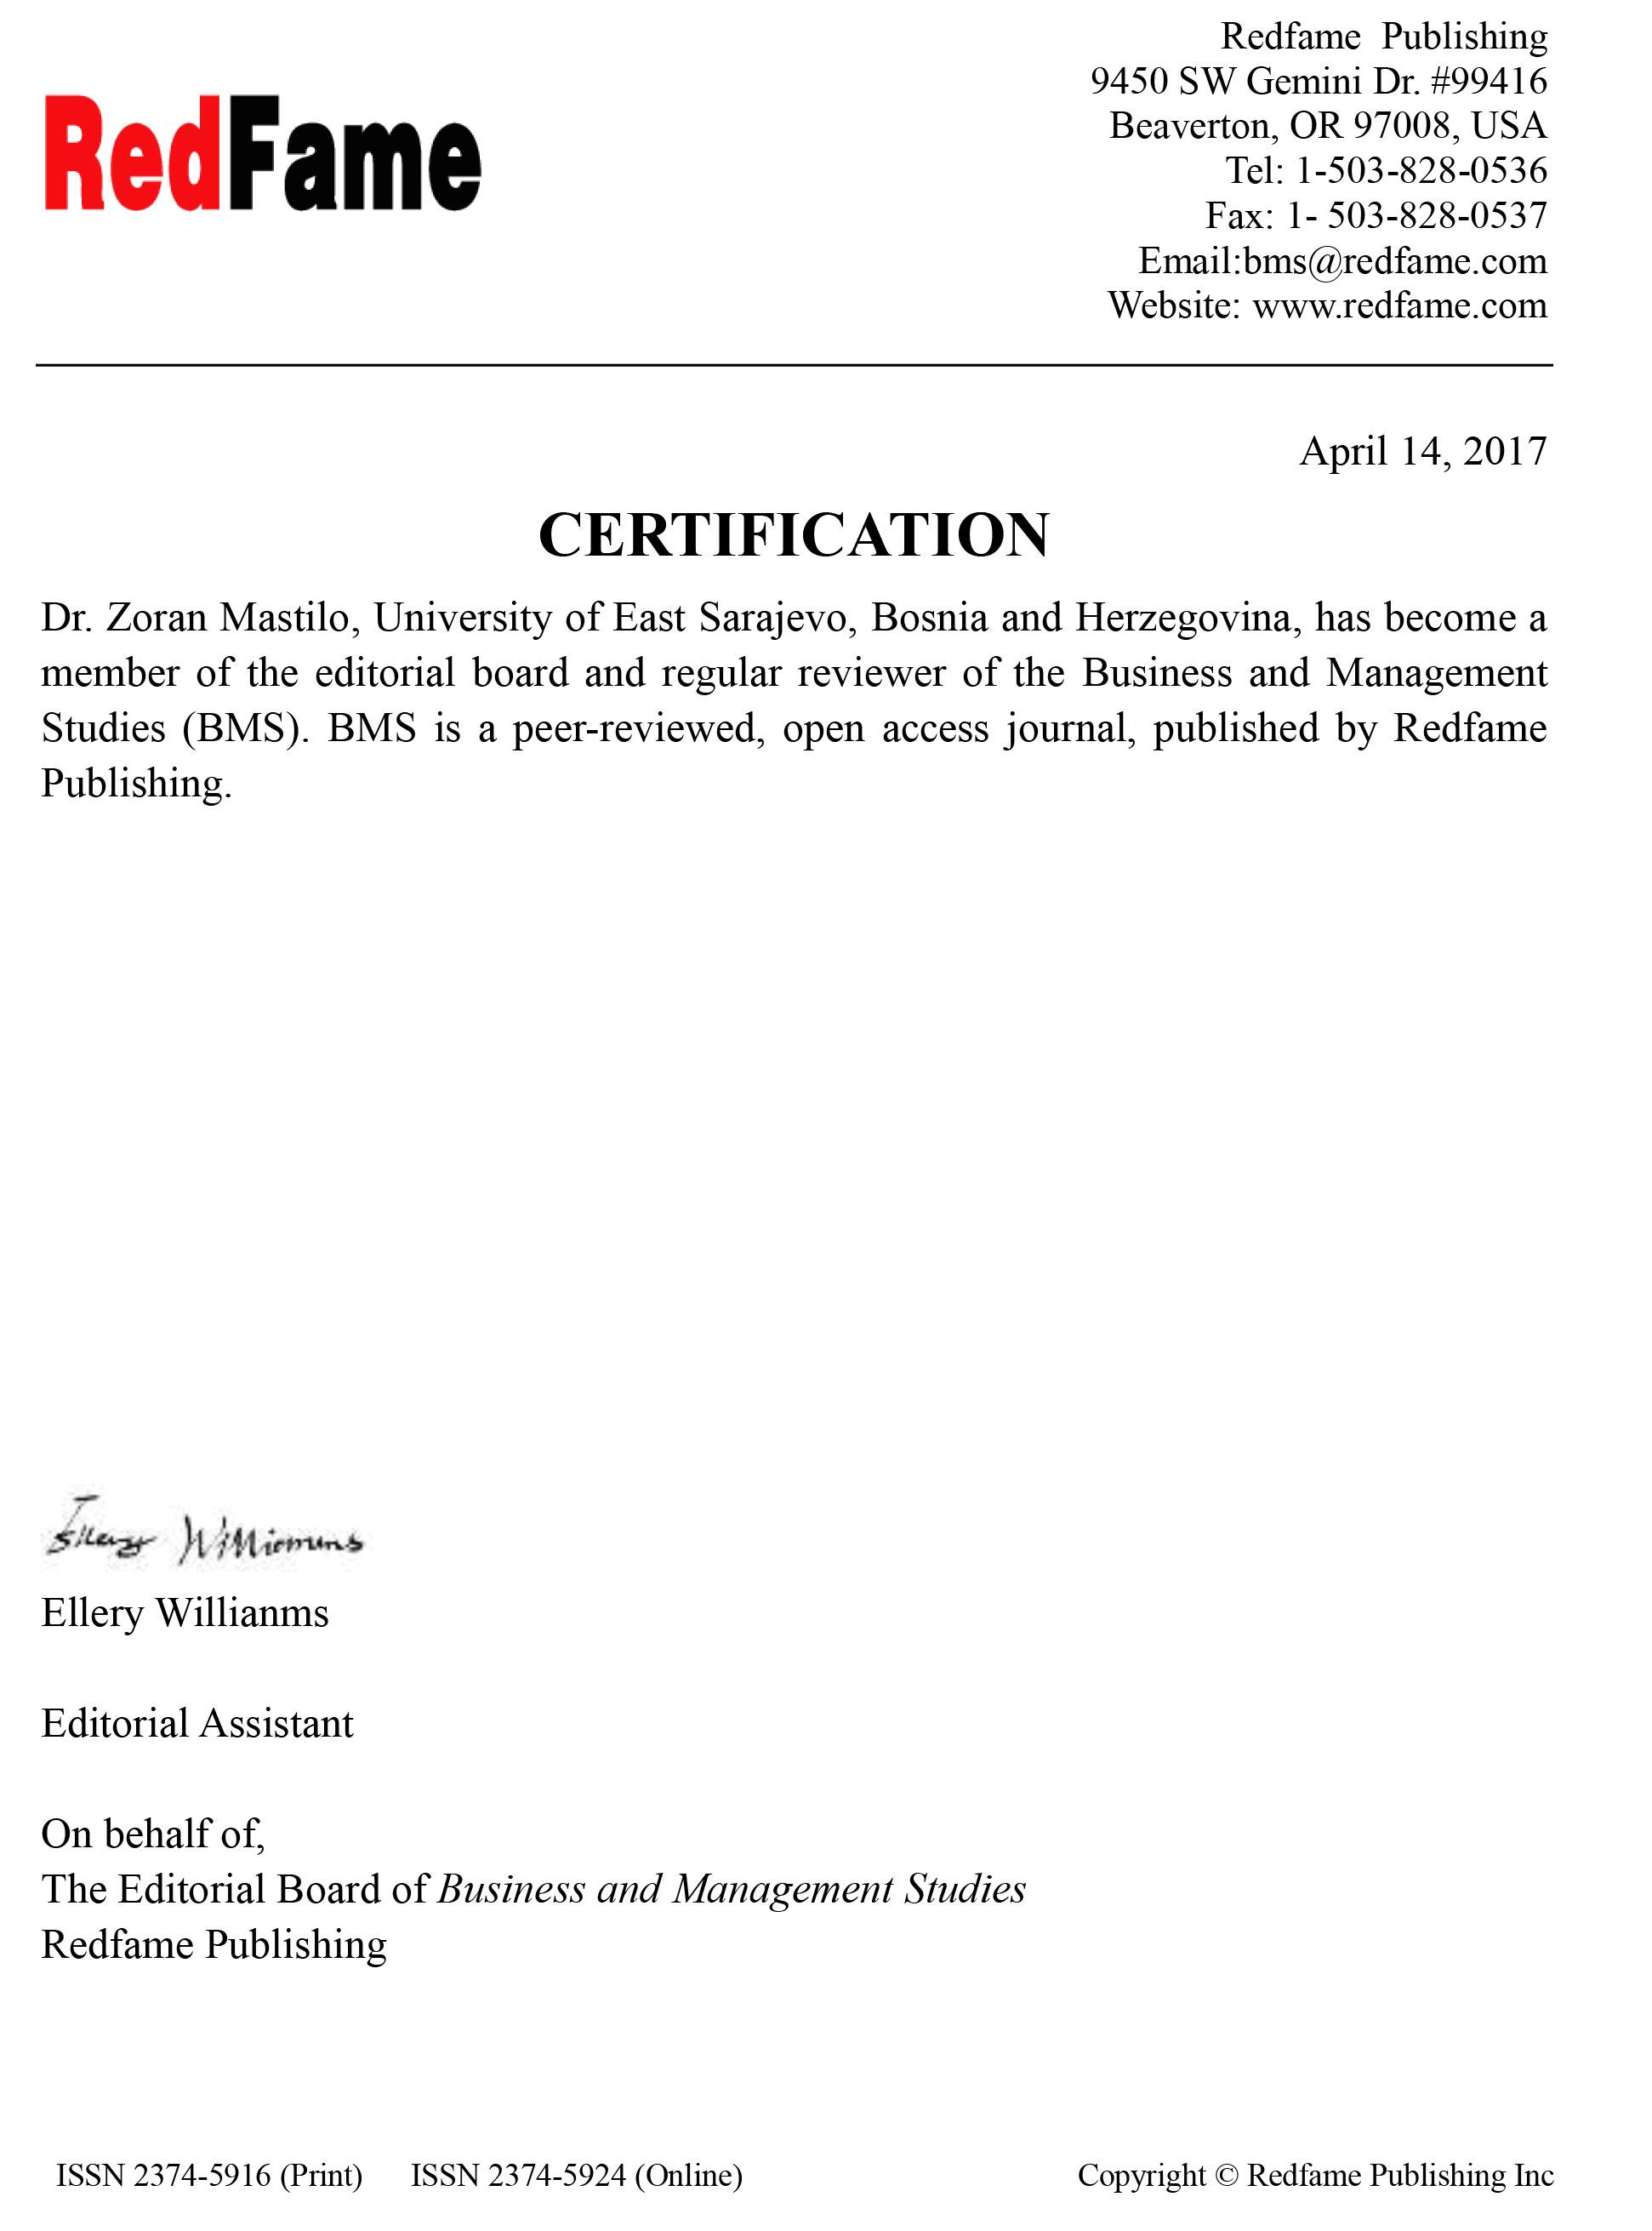 redfame_certifikat